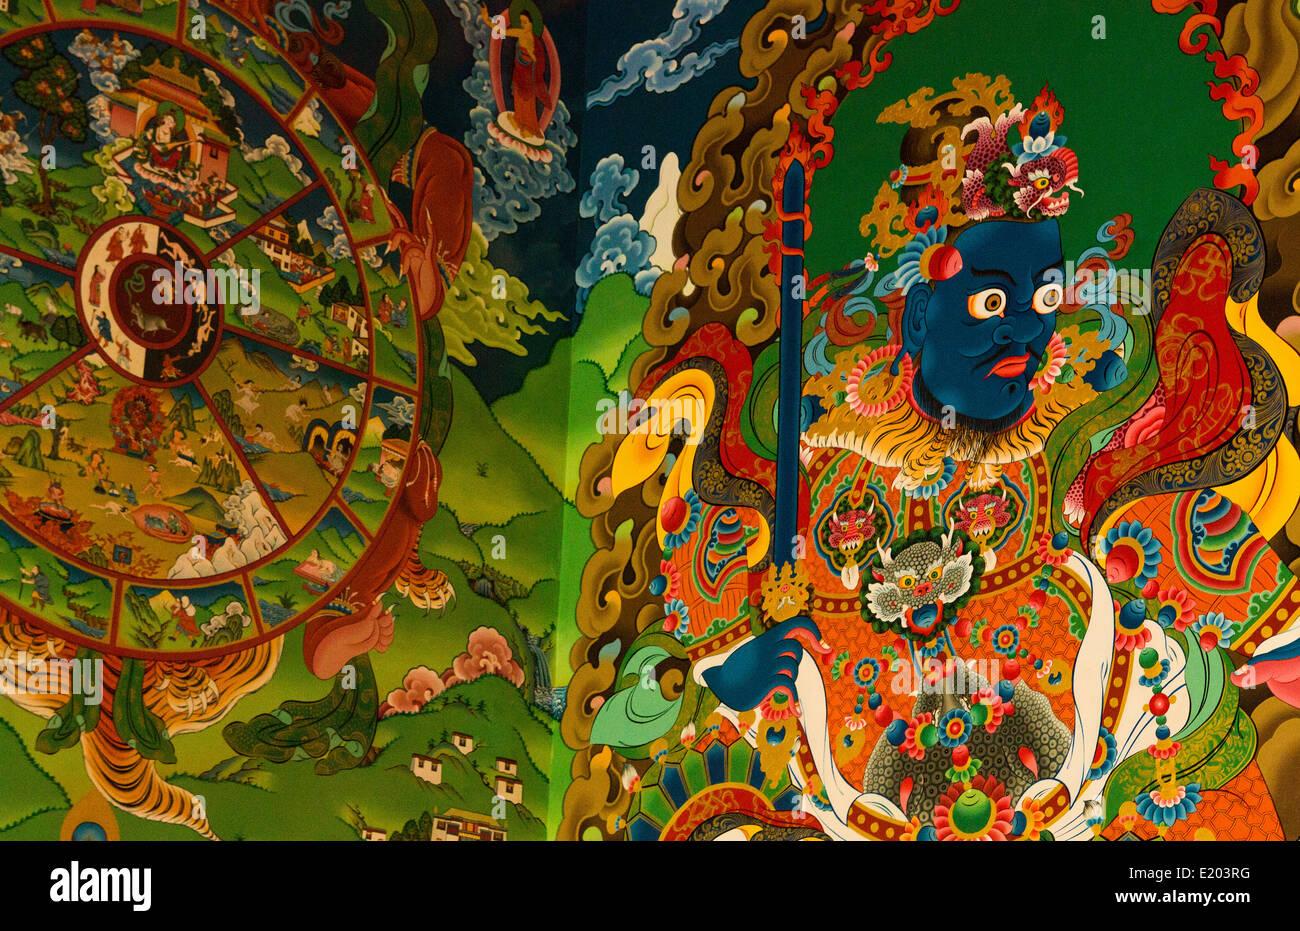 Kathmandu in Nepal di illustrazioni a colori dipinte sulle pareti del Drikung Kagyu Rinchenling monastero Immagini Stock